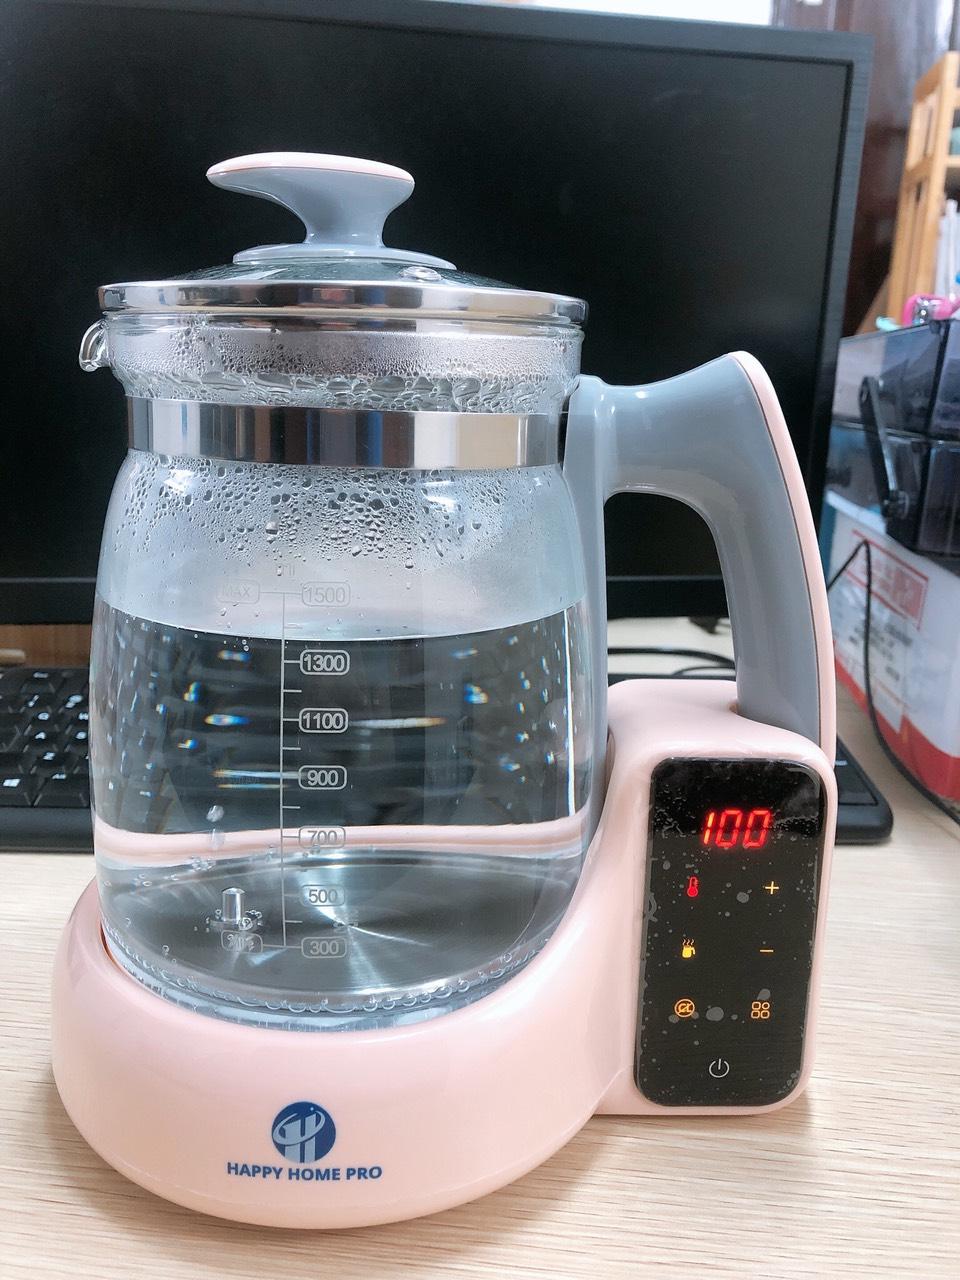 Bình Đun Nước siêu tốc Cảm Ứng Thông Minh Khử Clo - HAP20 1.5L - Nhập Korea Happy Home Pro